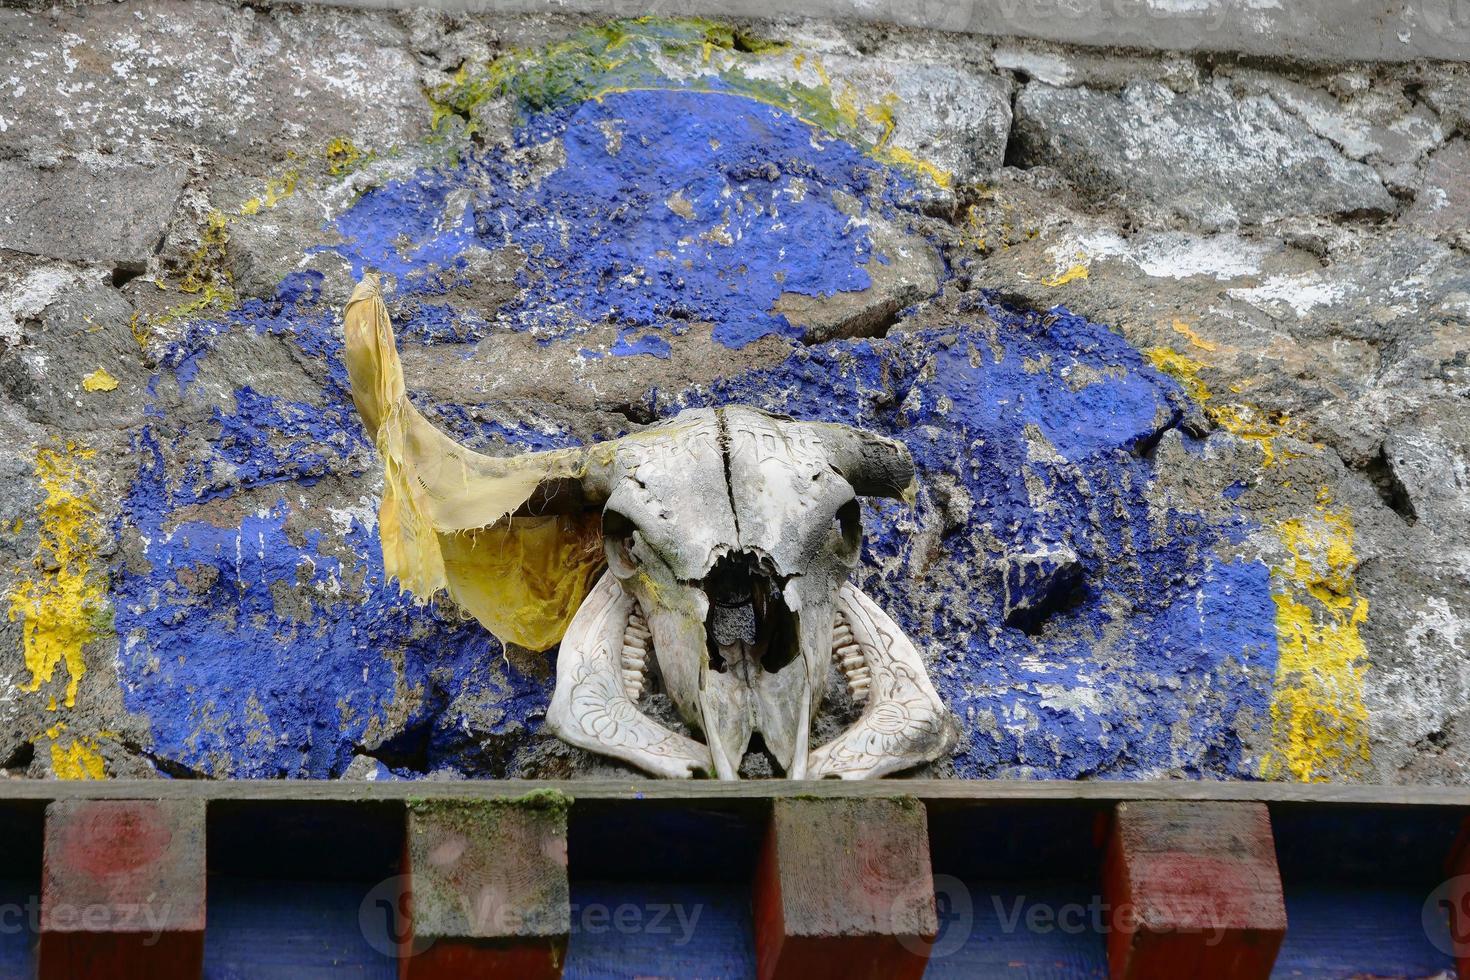 crânio de cabeça de animal em templo budista tibetano, laji shan qinghai china foto